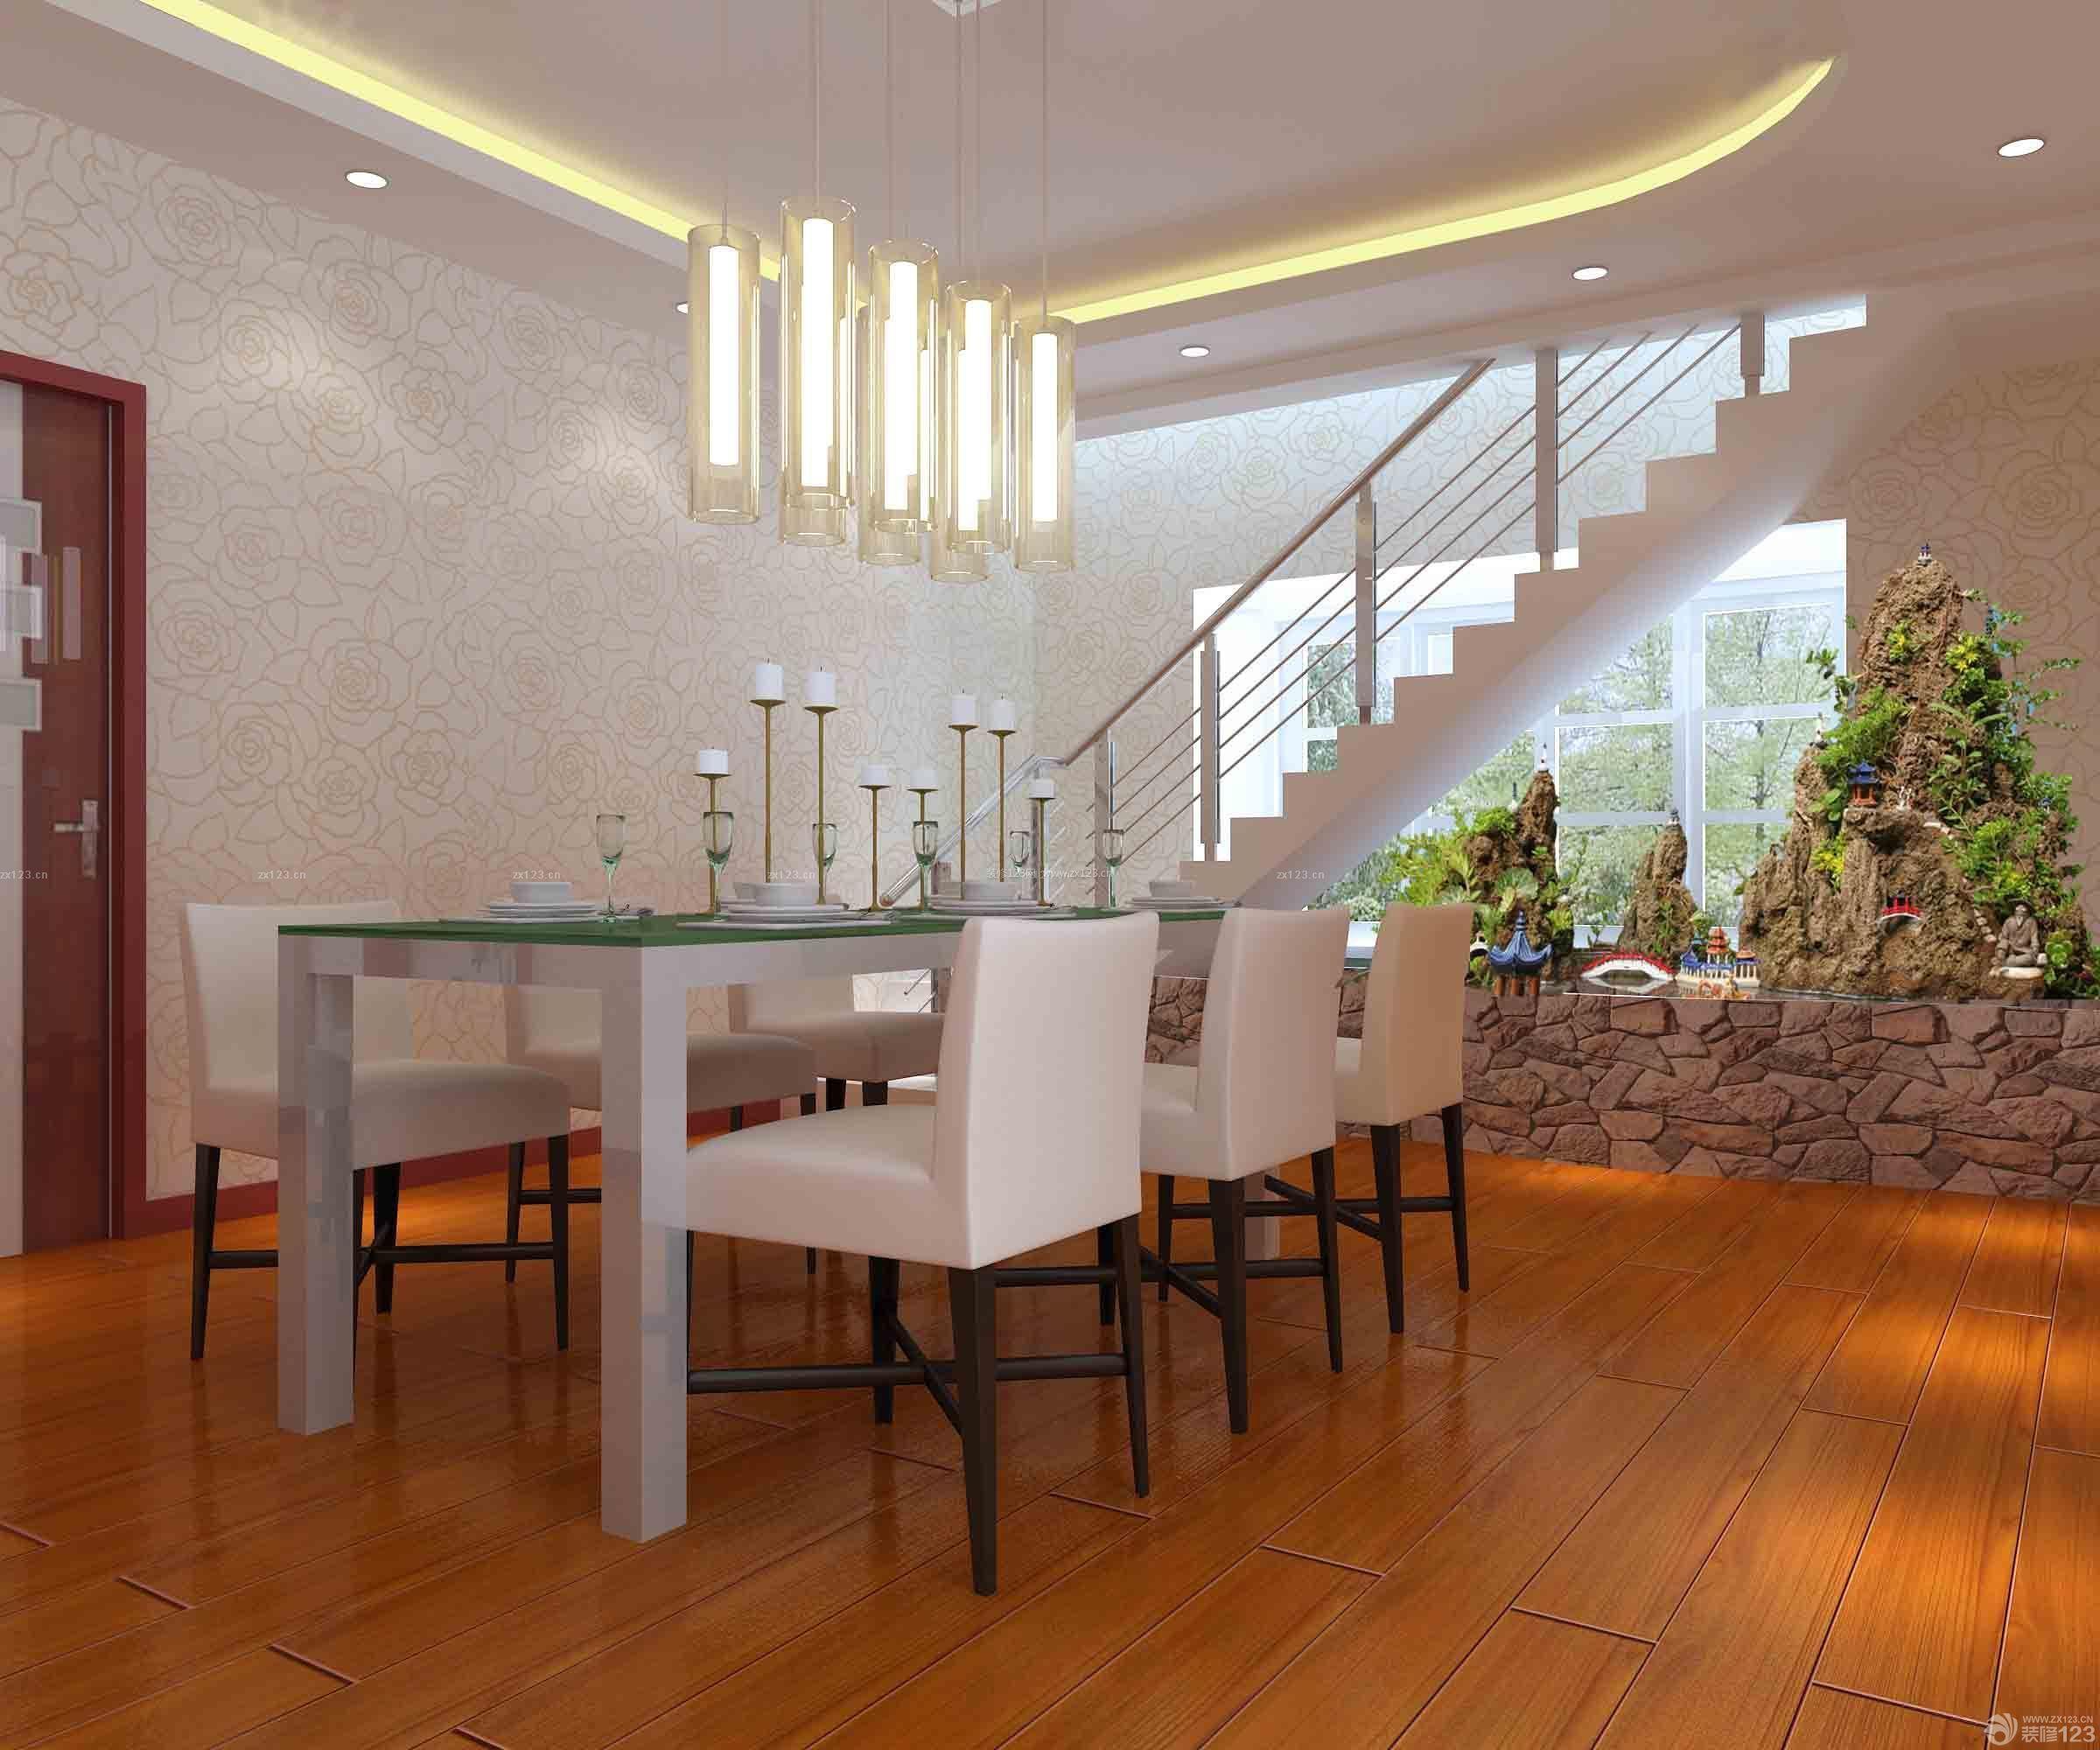 小平房装修效果图-60平米两室一厅装修图|房子装修|80